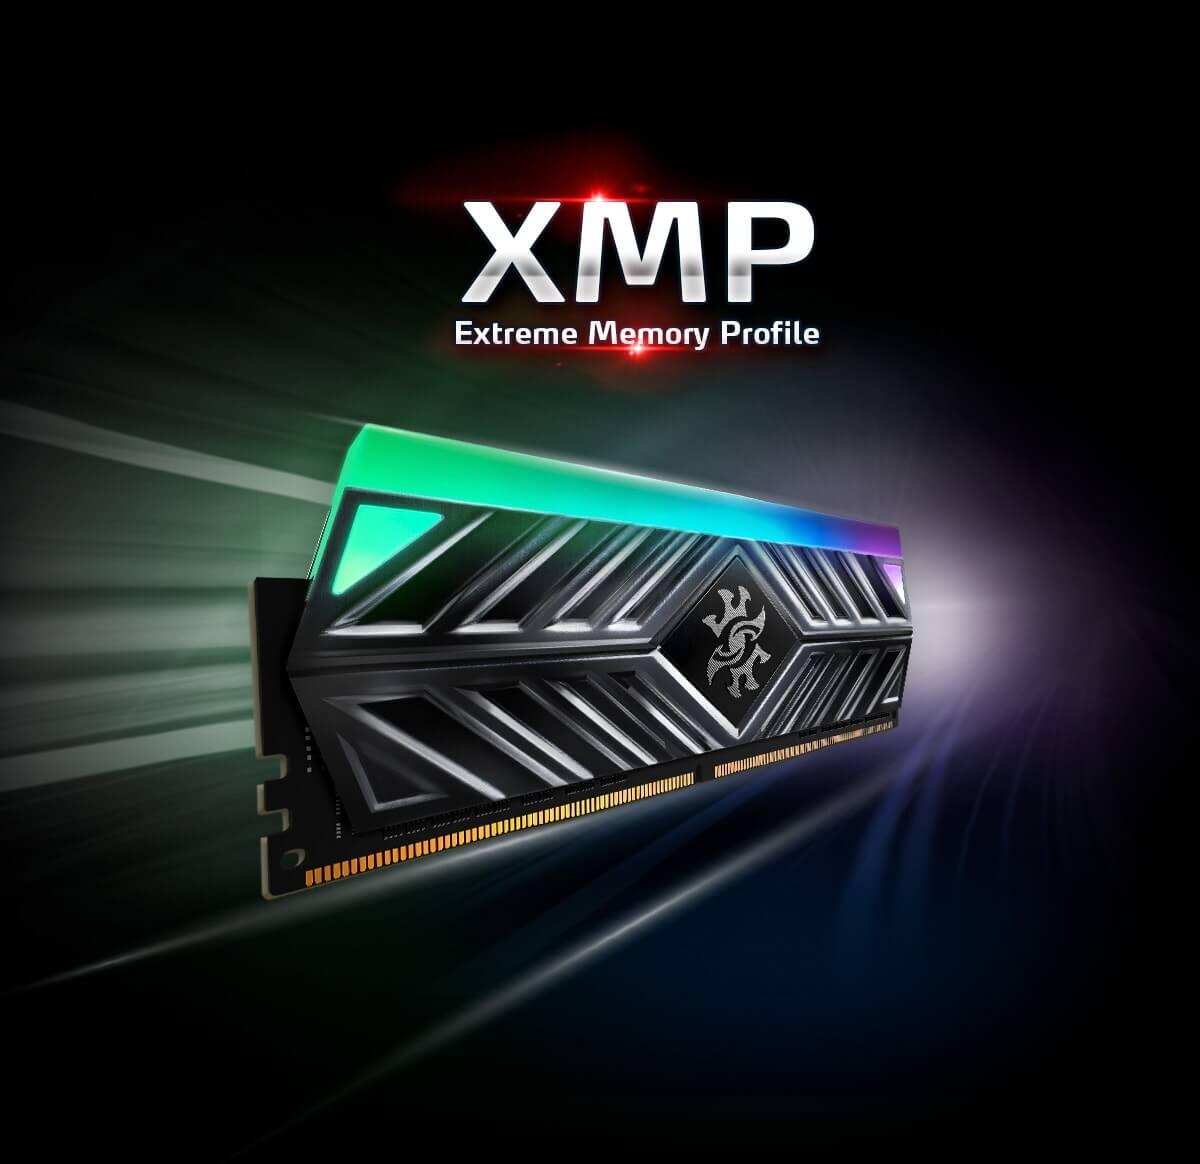 Ép xung dễ dàng với Intel® XMP 2.0